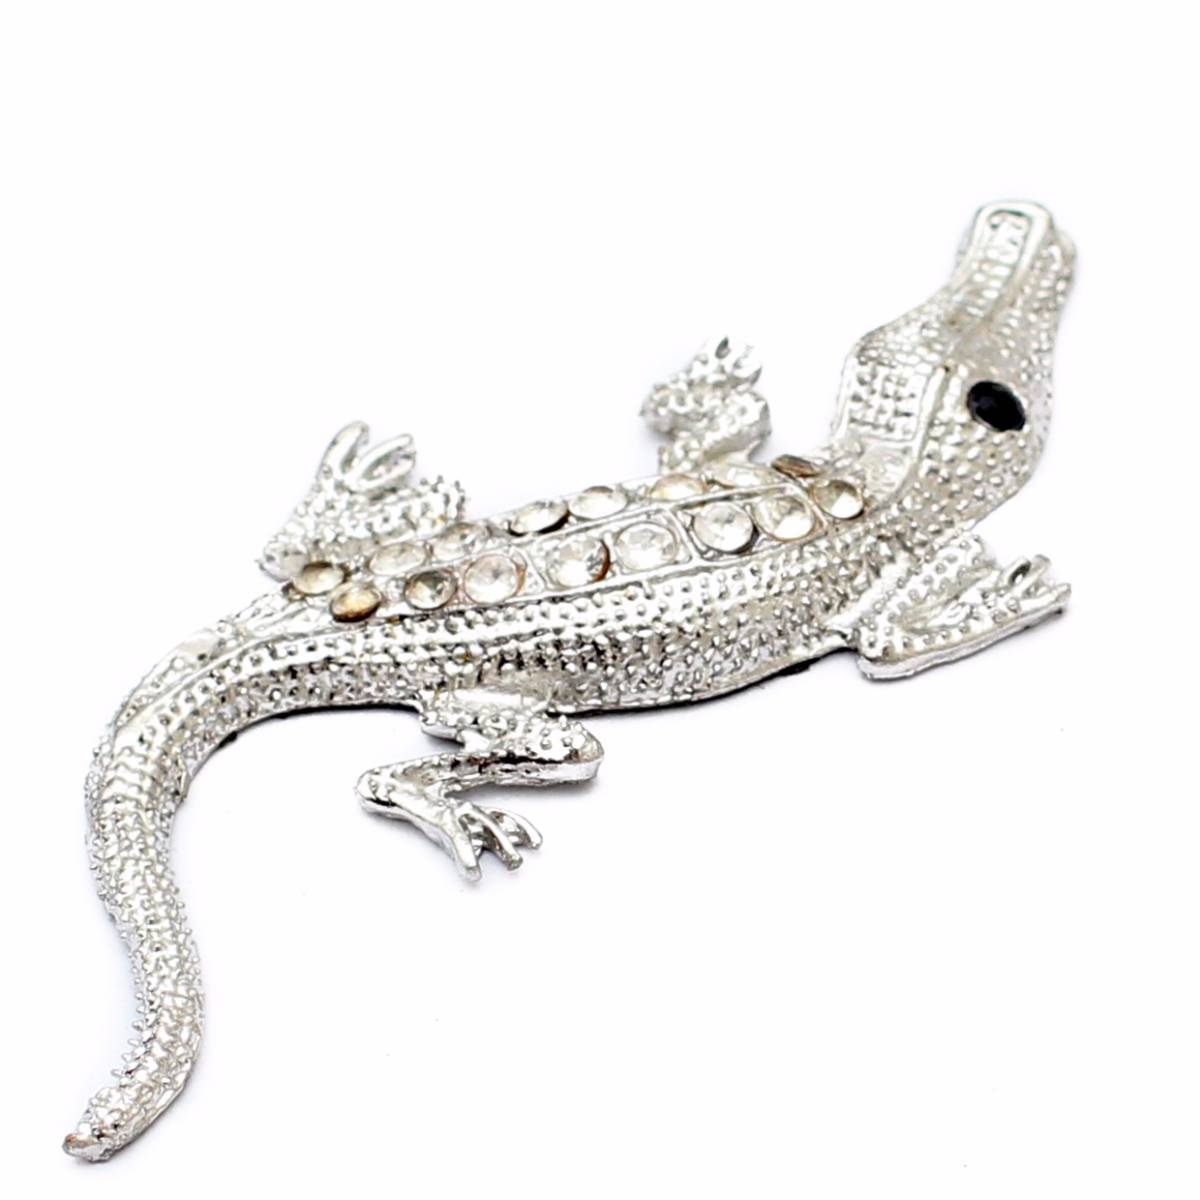 Emblem Variasi Crocodile - Chrome1